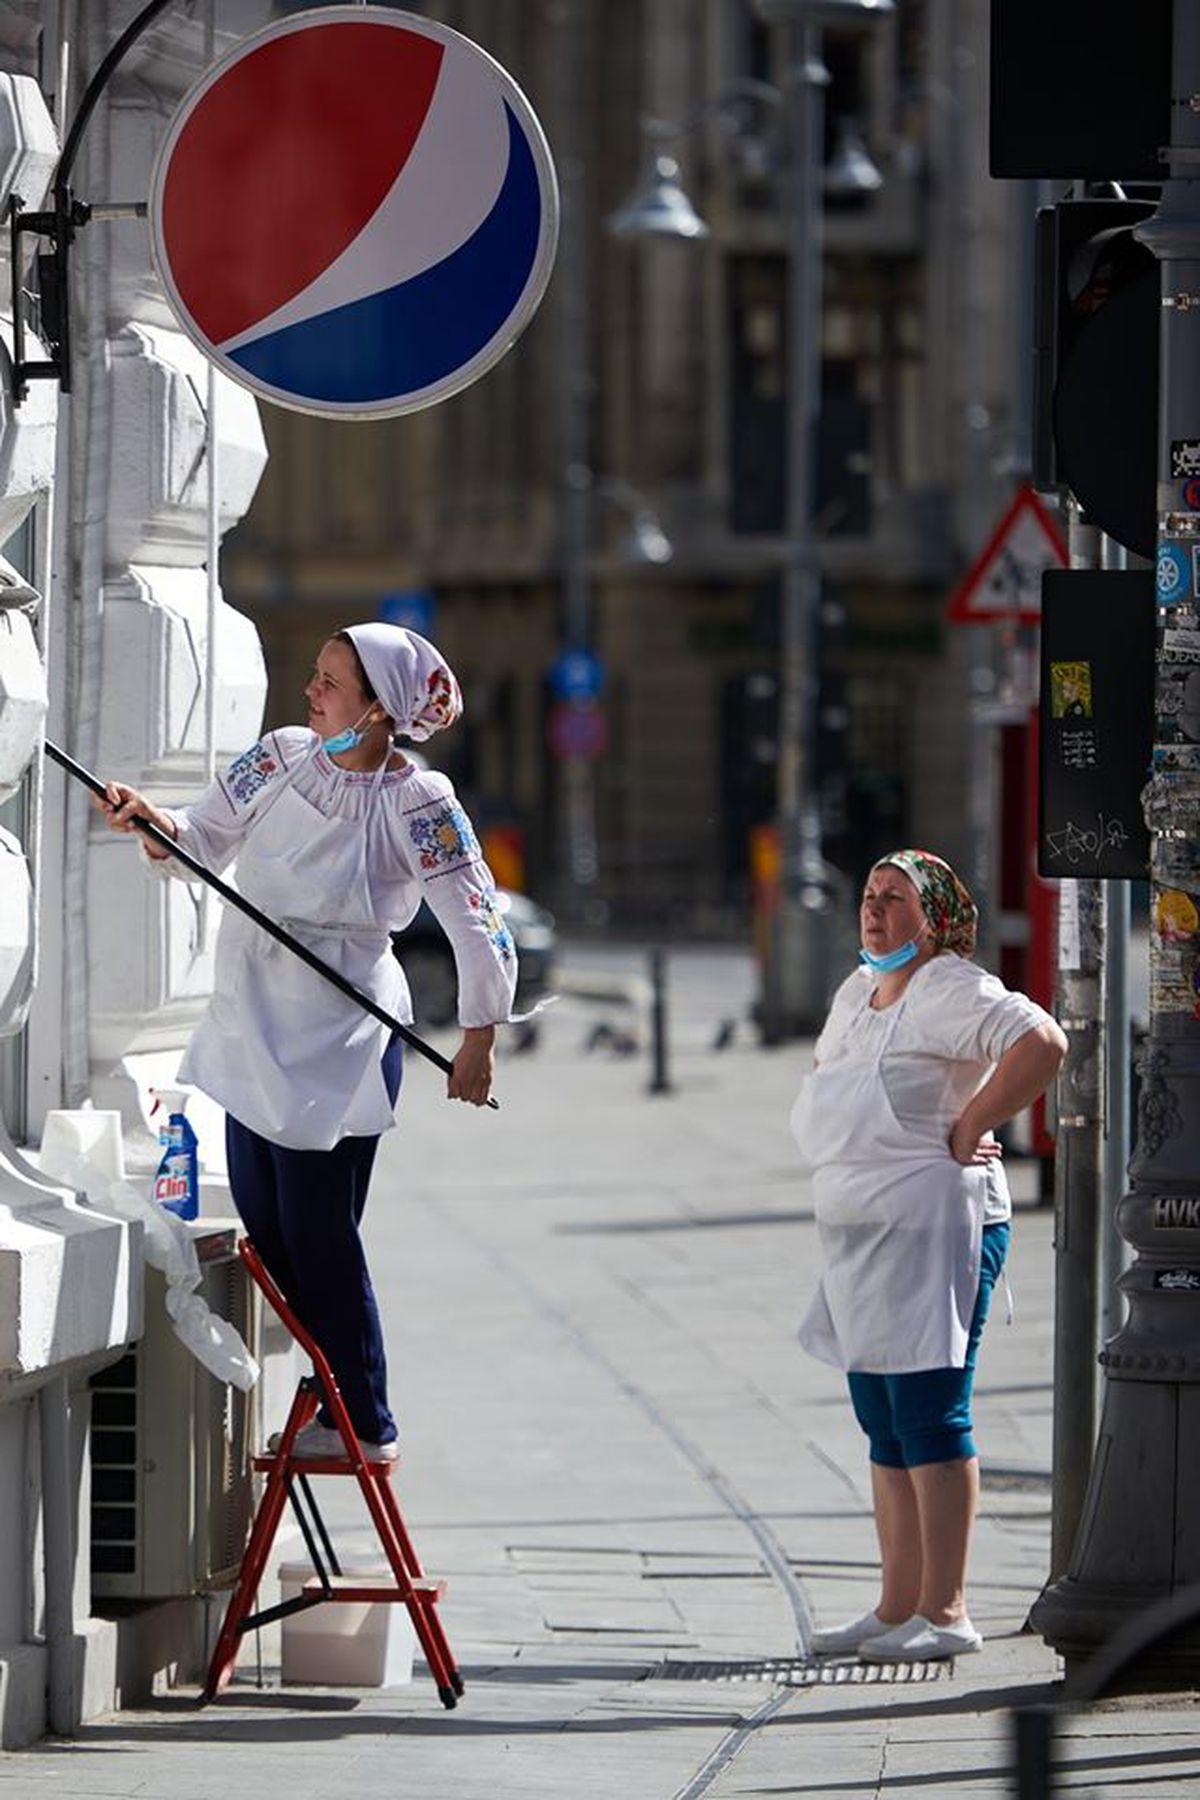 Imagine fabuloasă! Președintele surprins la cumpărături cu mască și în pantaloni scurți